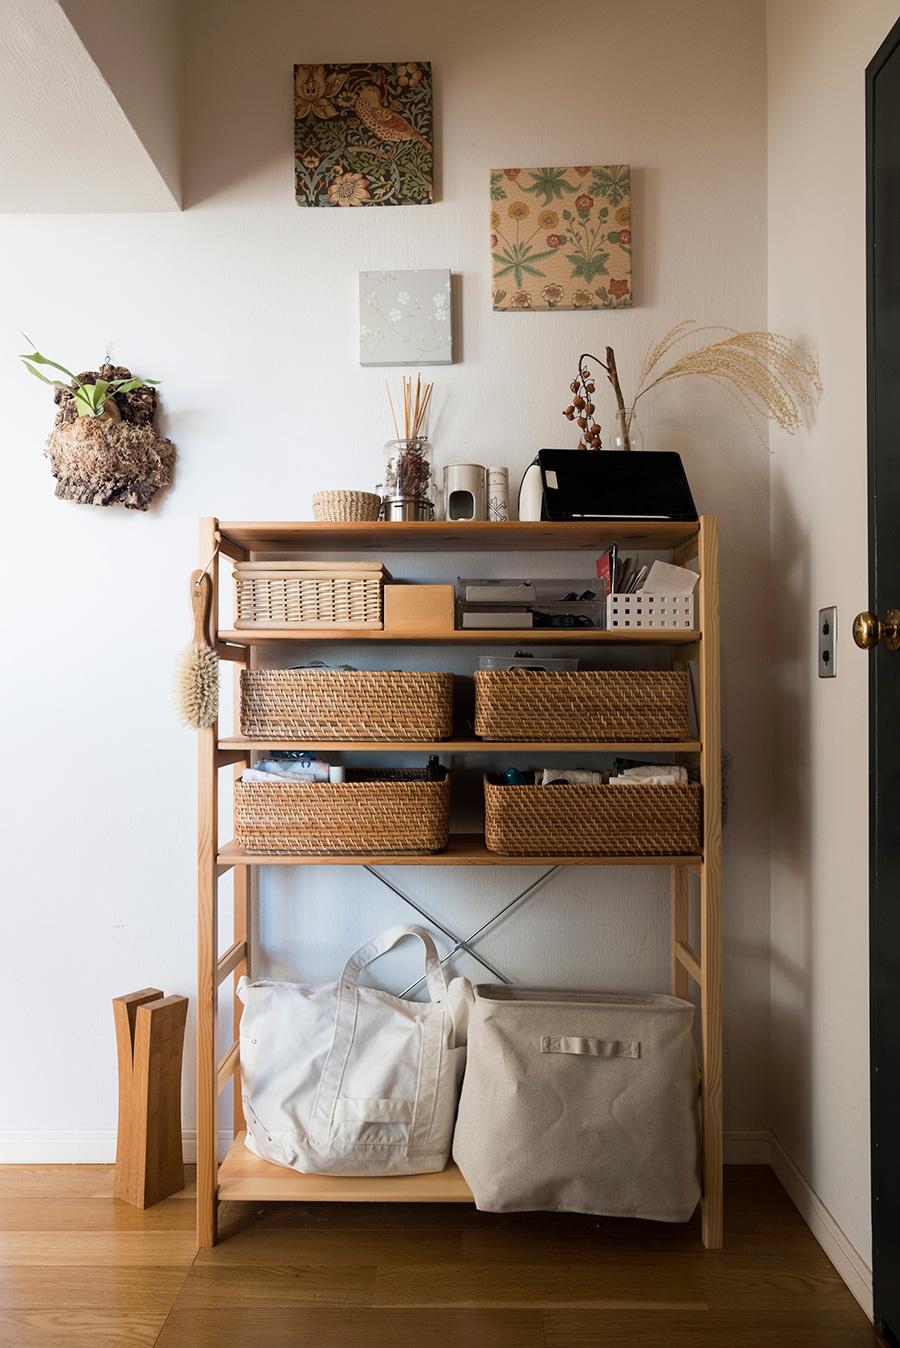 玄関前に無印良品の棚を設置。ハンカチなど外出時に必要なものや、文房具など動線上ここにあると便利なものを仕分けして収納している。壁の作品は、二子玉川の貼箱専門店BOX&NEEDLEで購入したもの。